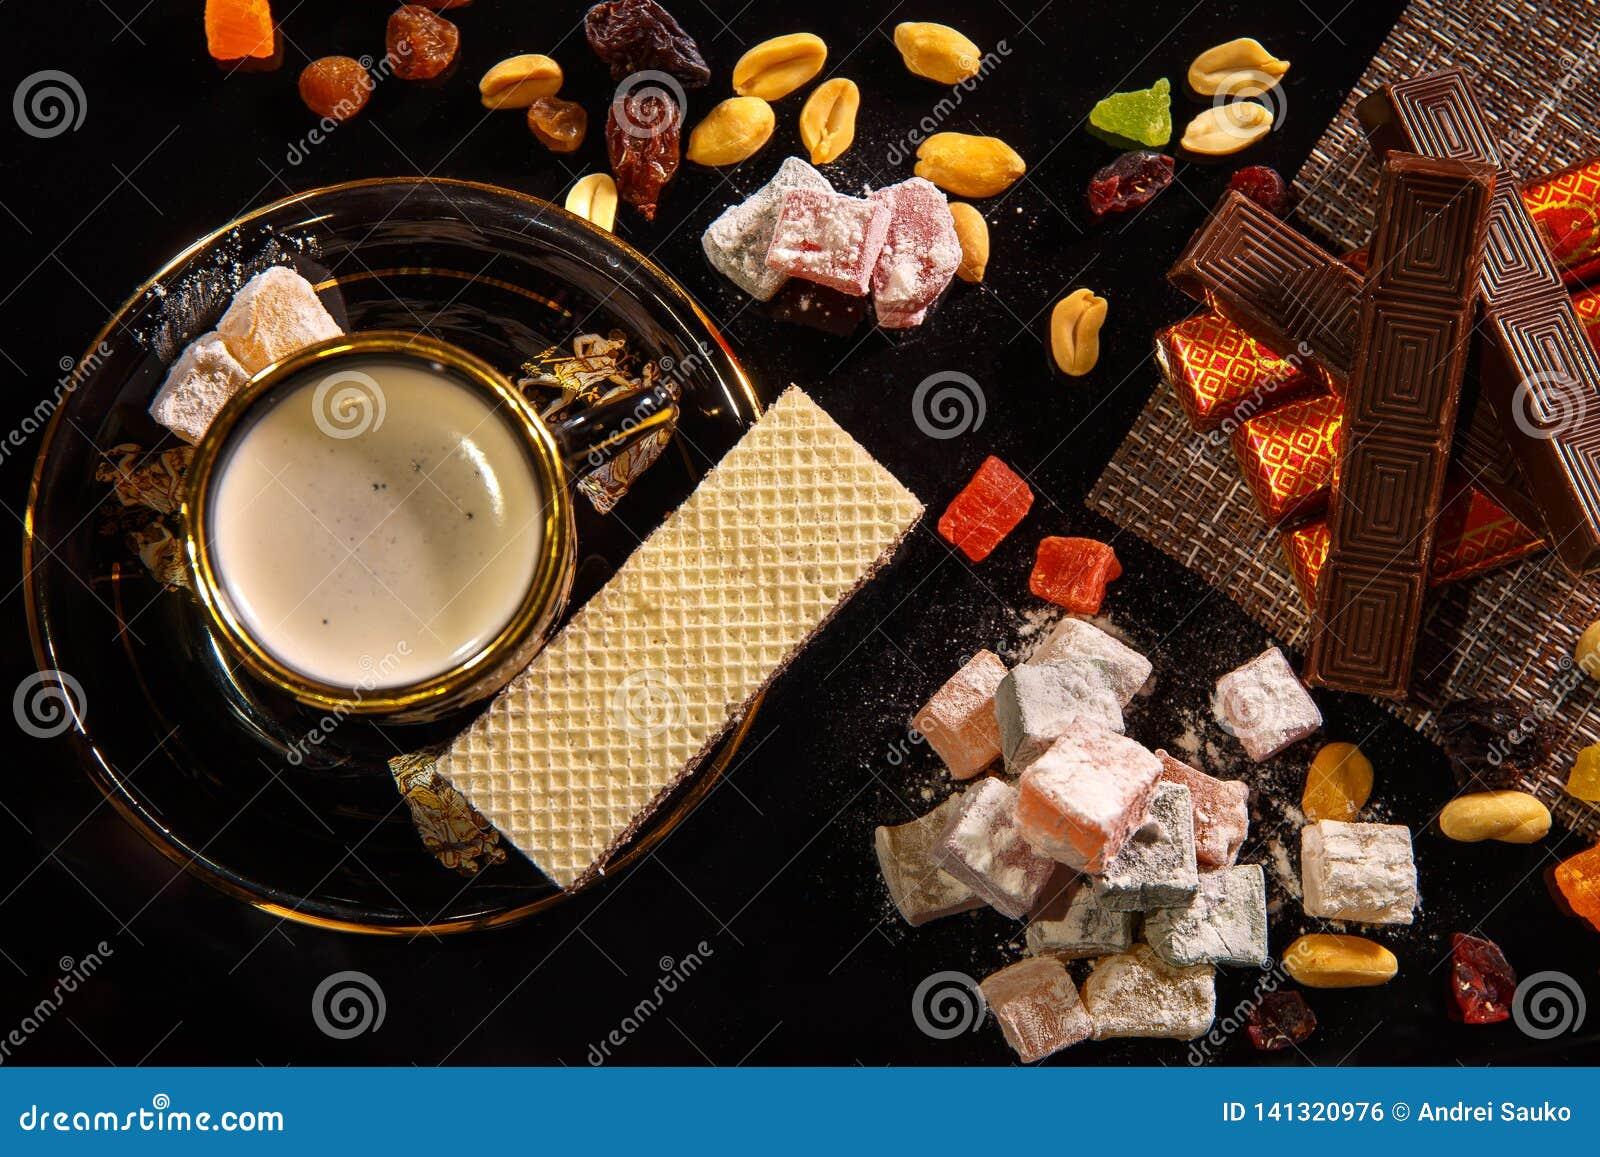 Orientalische Bonbons Natyutmort und eine Schale heißer Kaffee